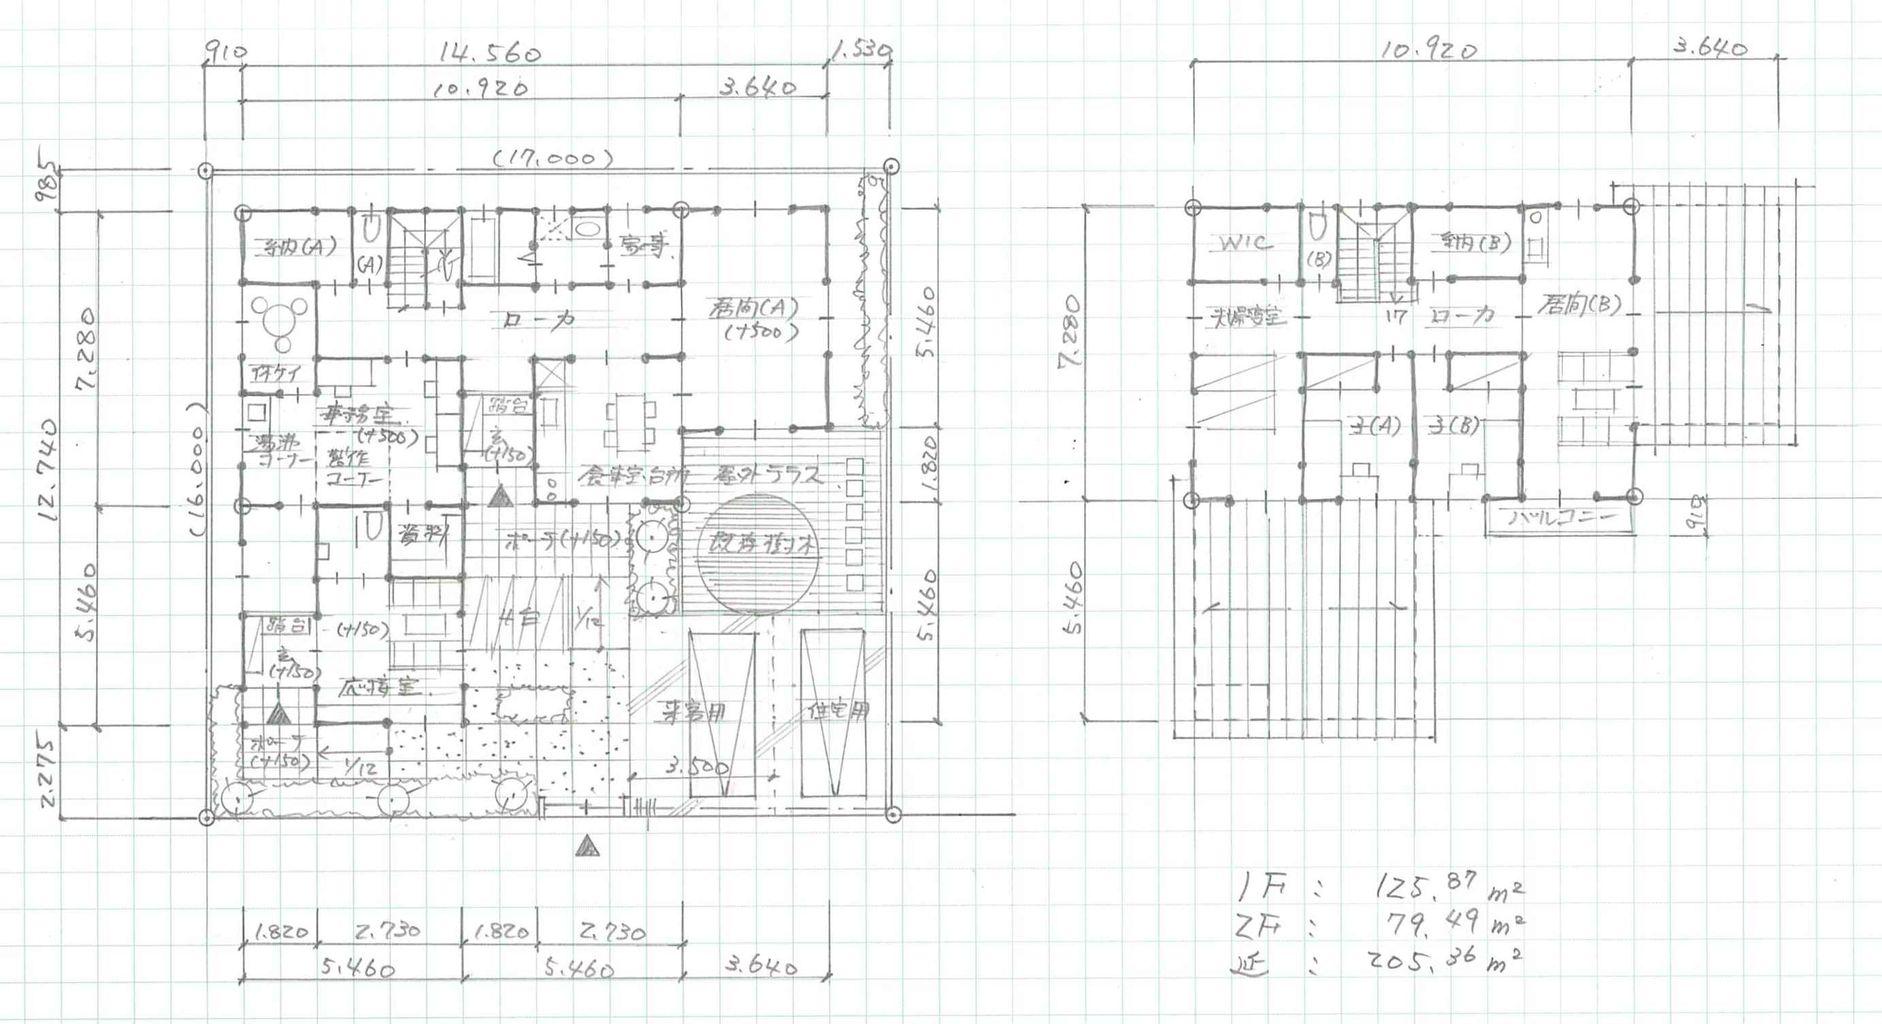 2019 建築 解答 2 級 速報 施工 管理 技士